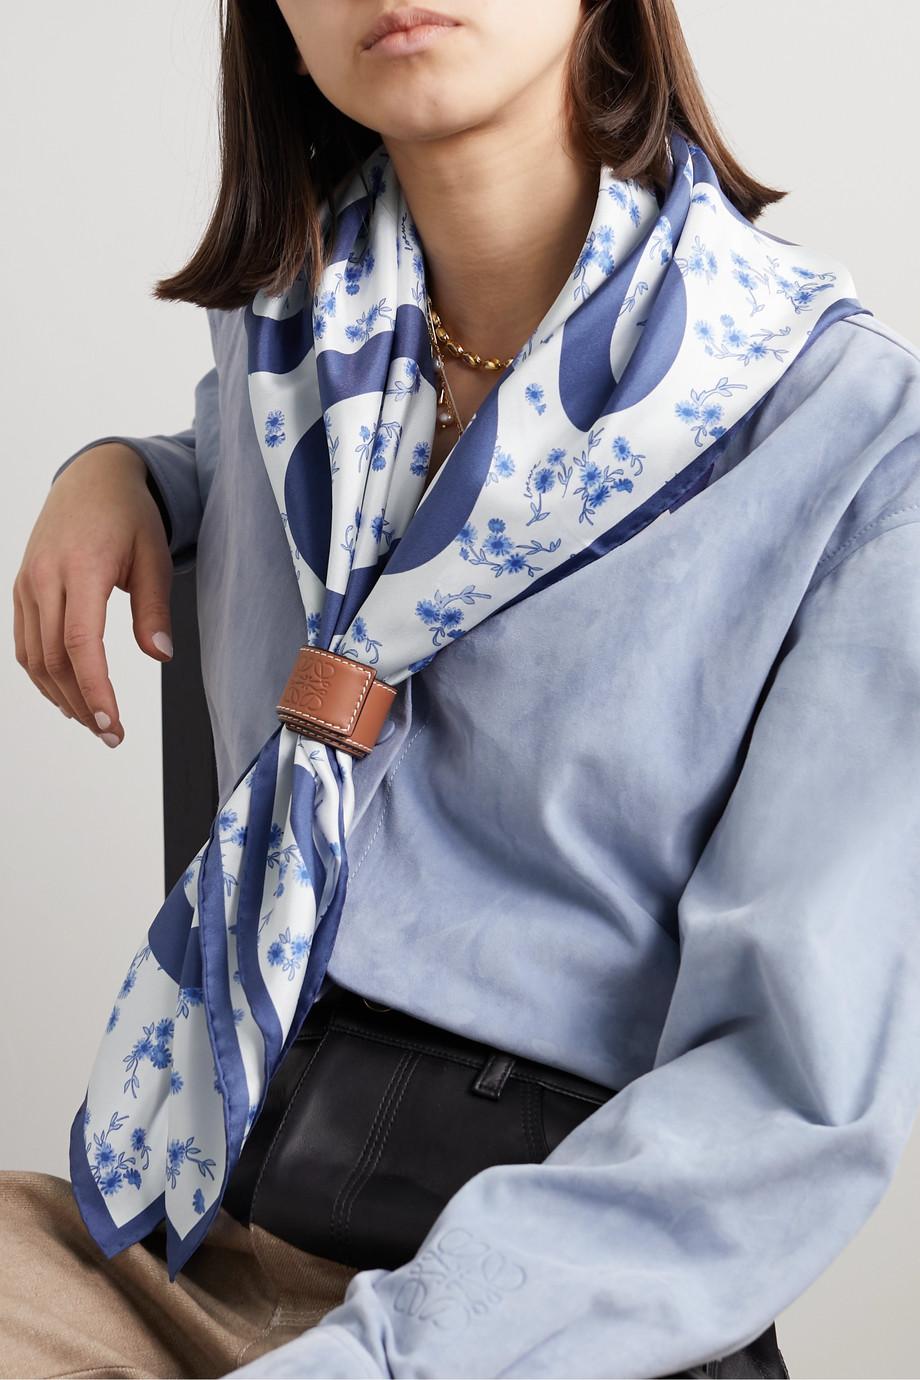 Loewe Bedrucktes Tuch aus Seiden-Twill